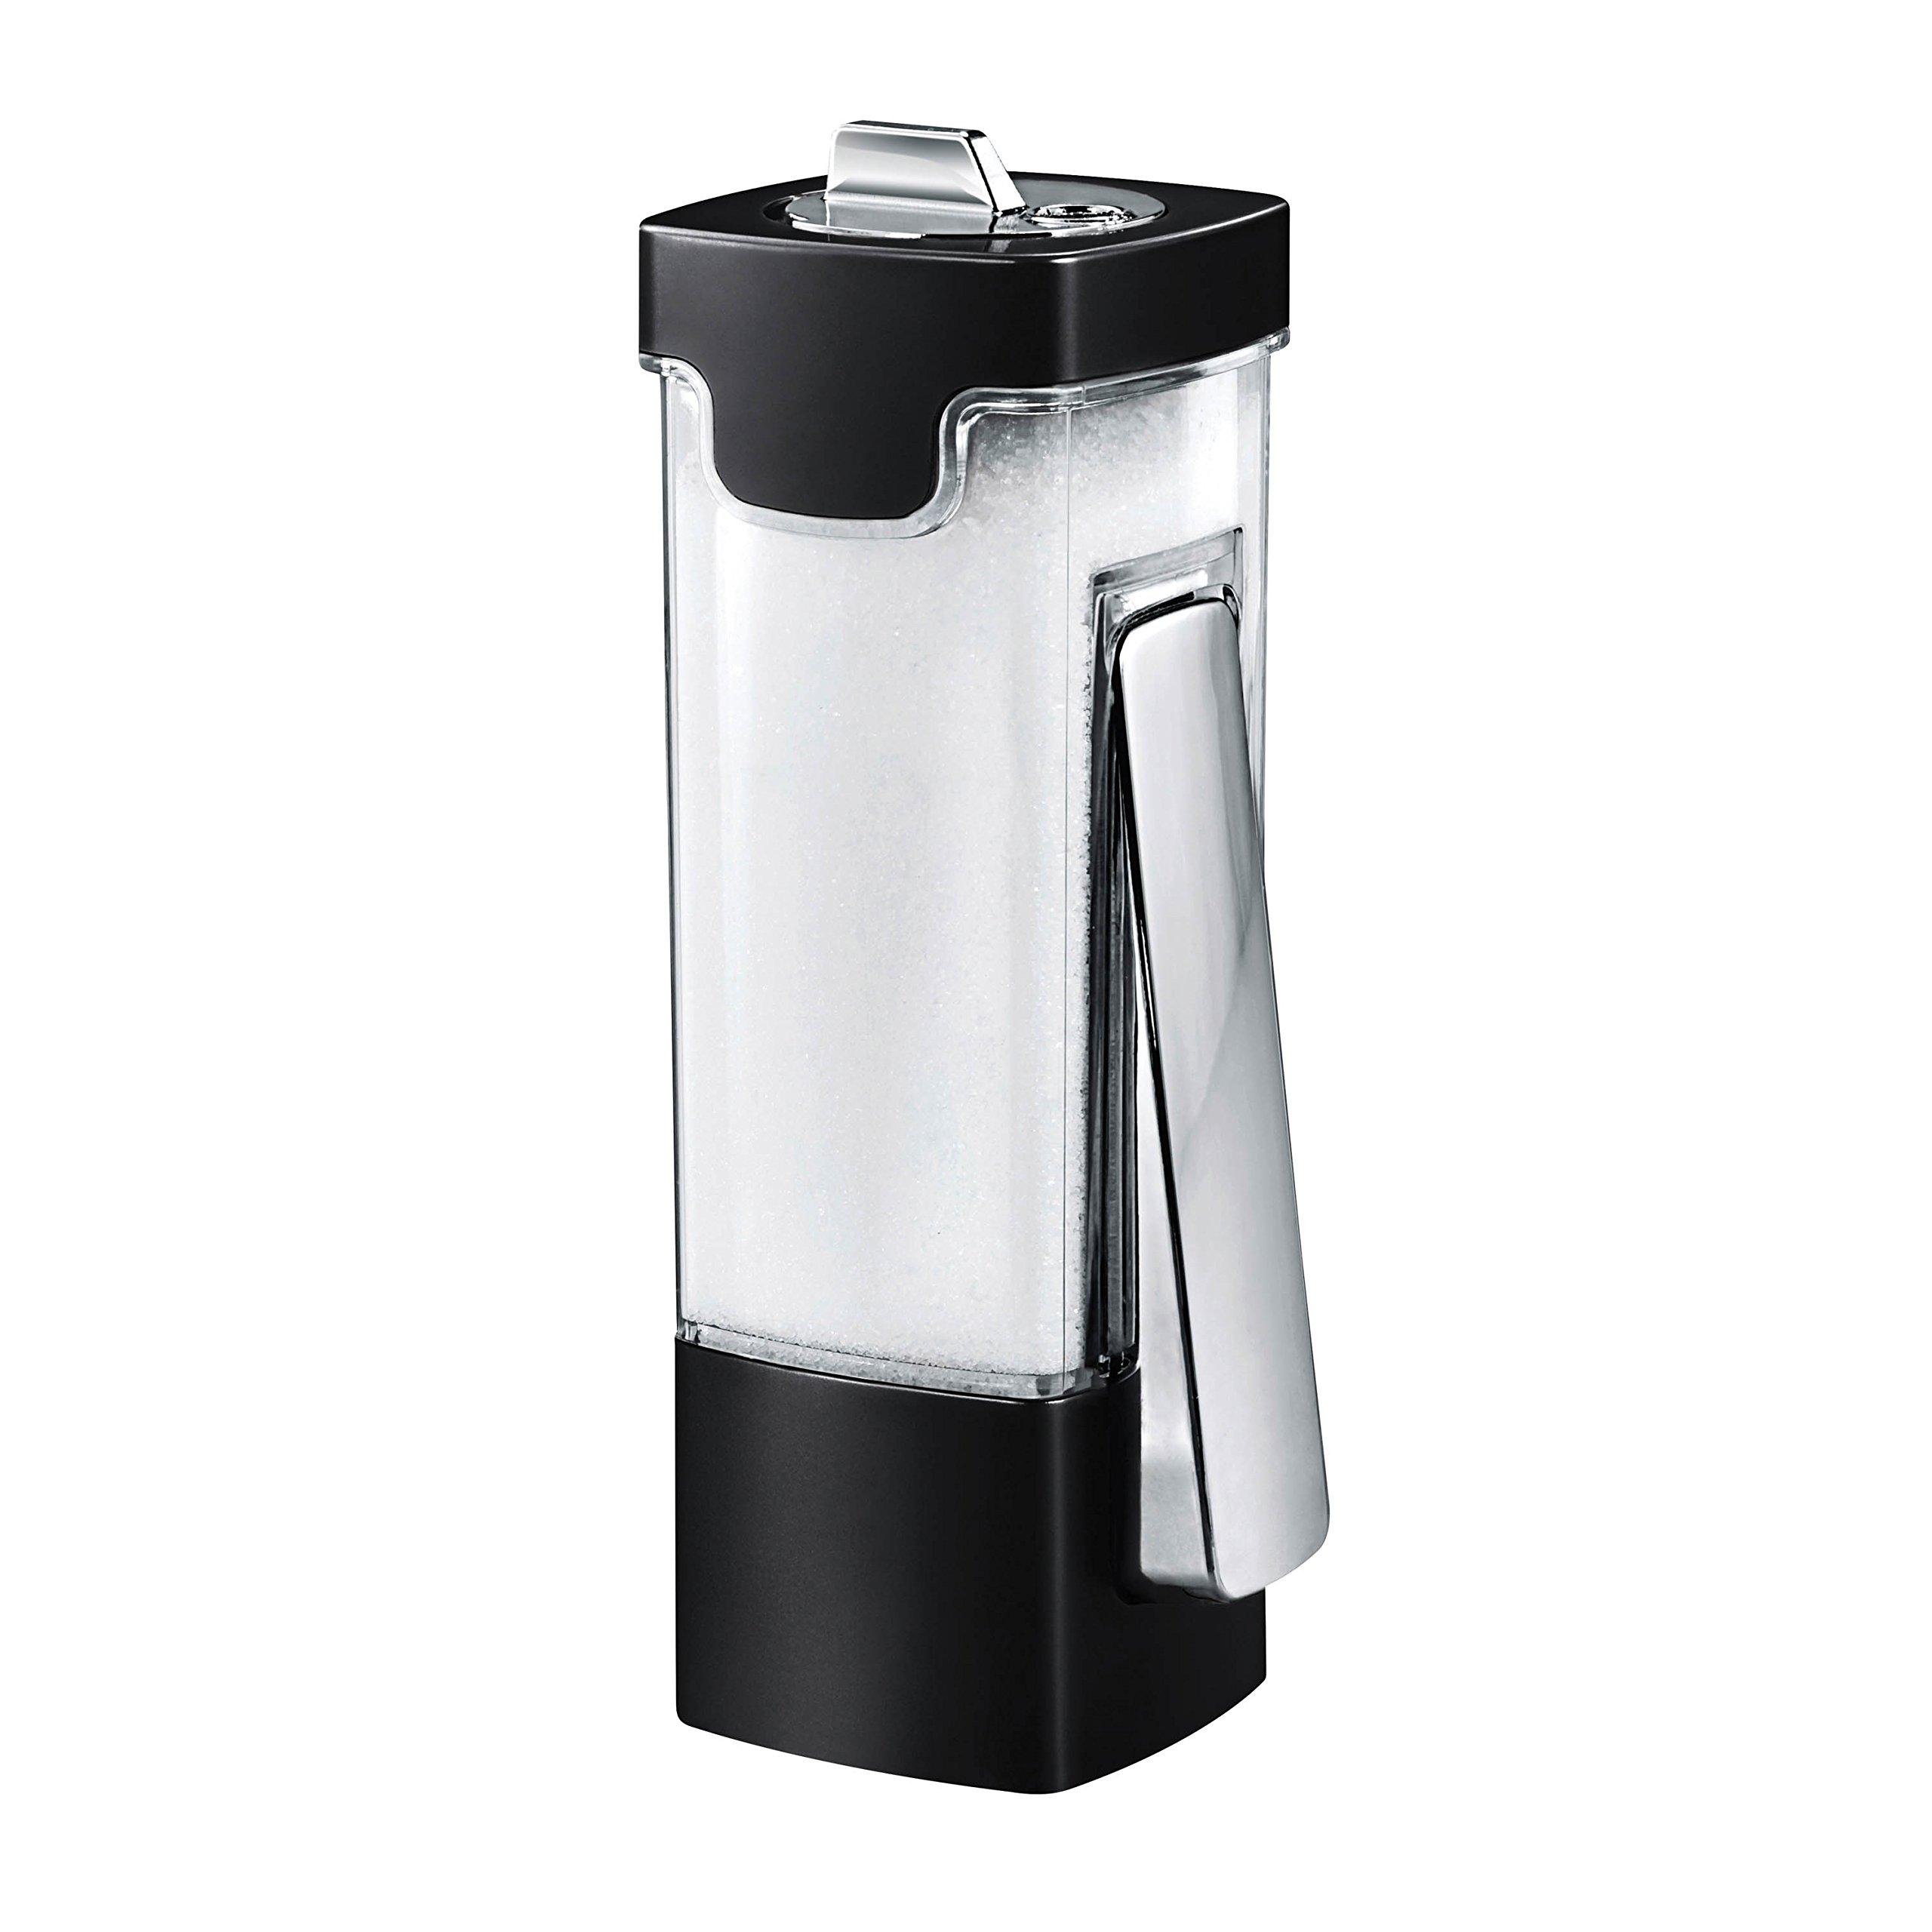 Honey-Can-Do Zevro KCH-06071 Indispensable Sugar 'N More Dispenser